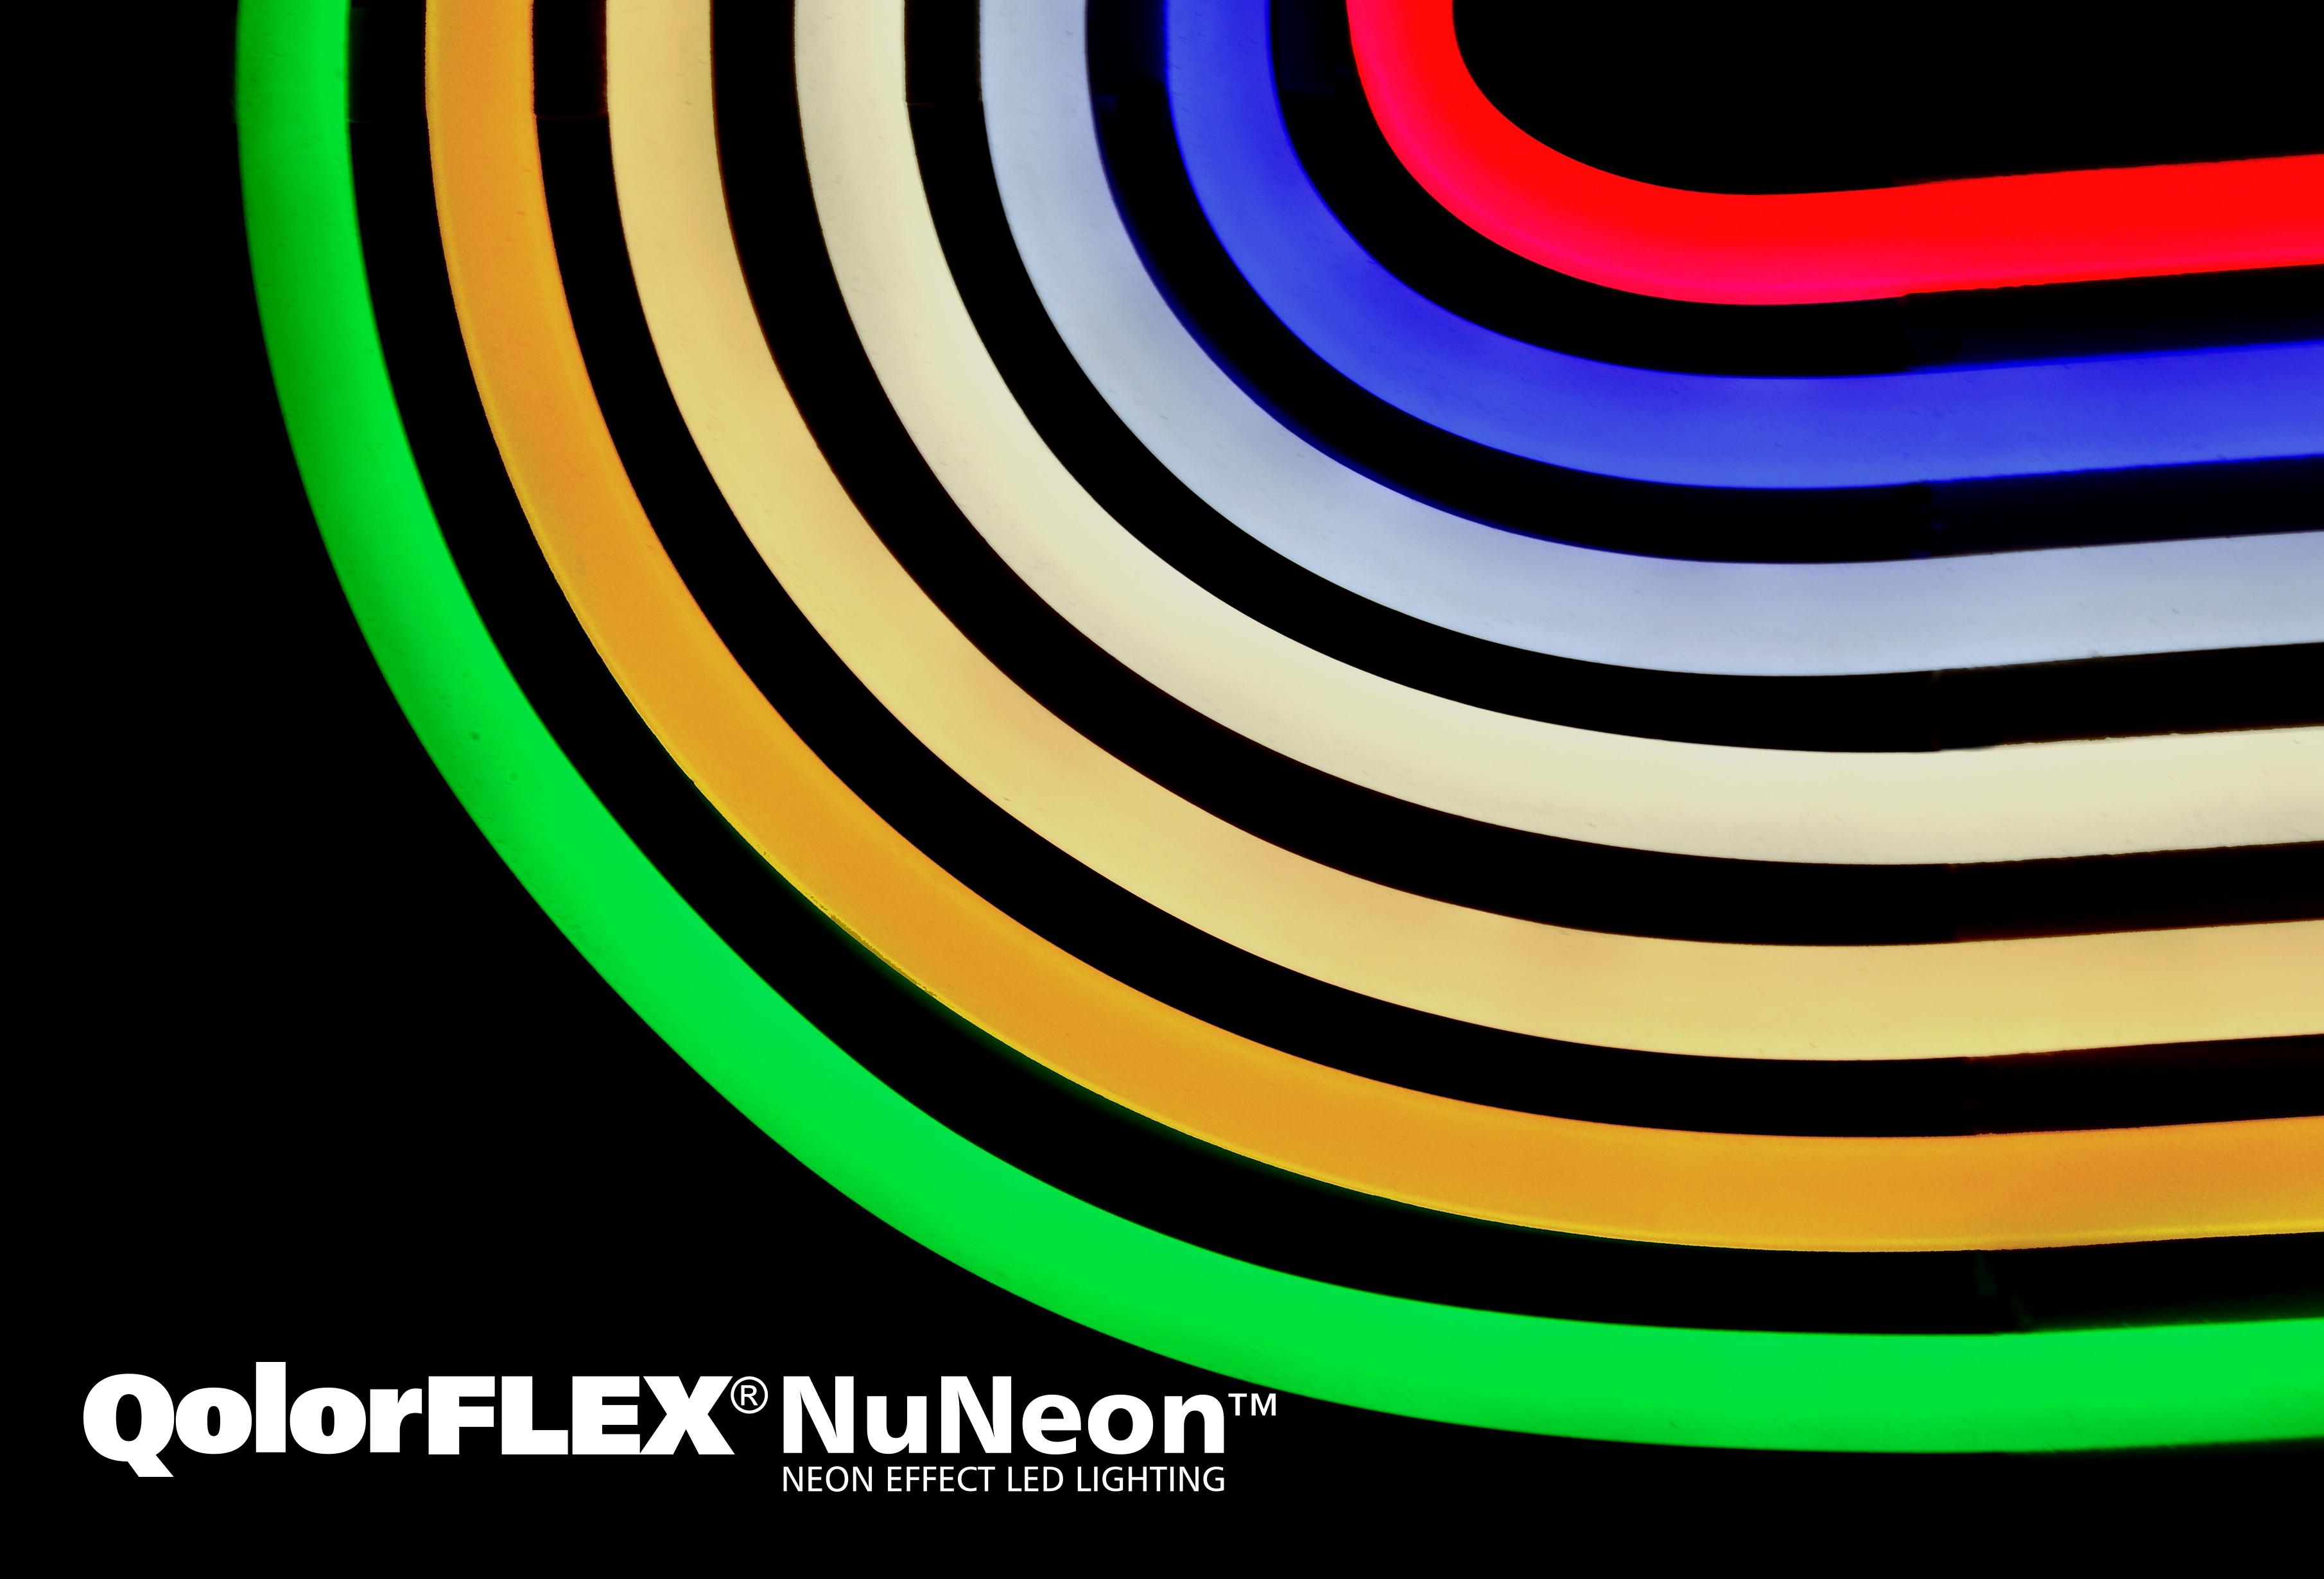 QolorFLEX NuNeon varieties